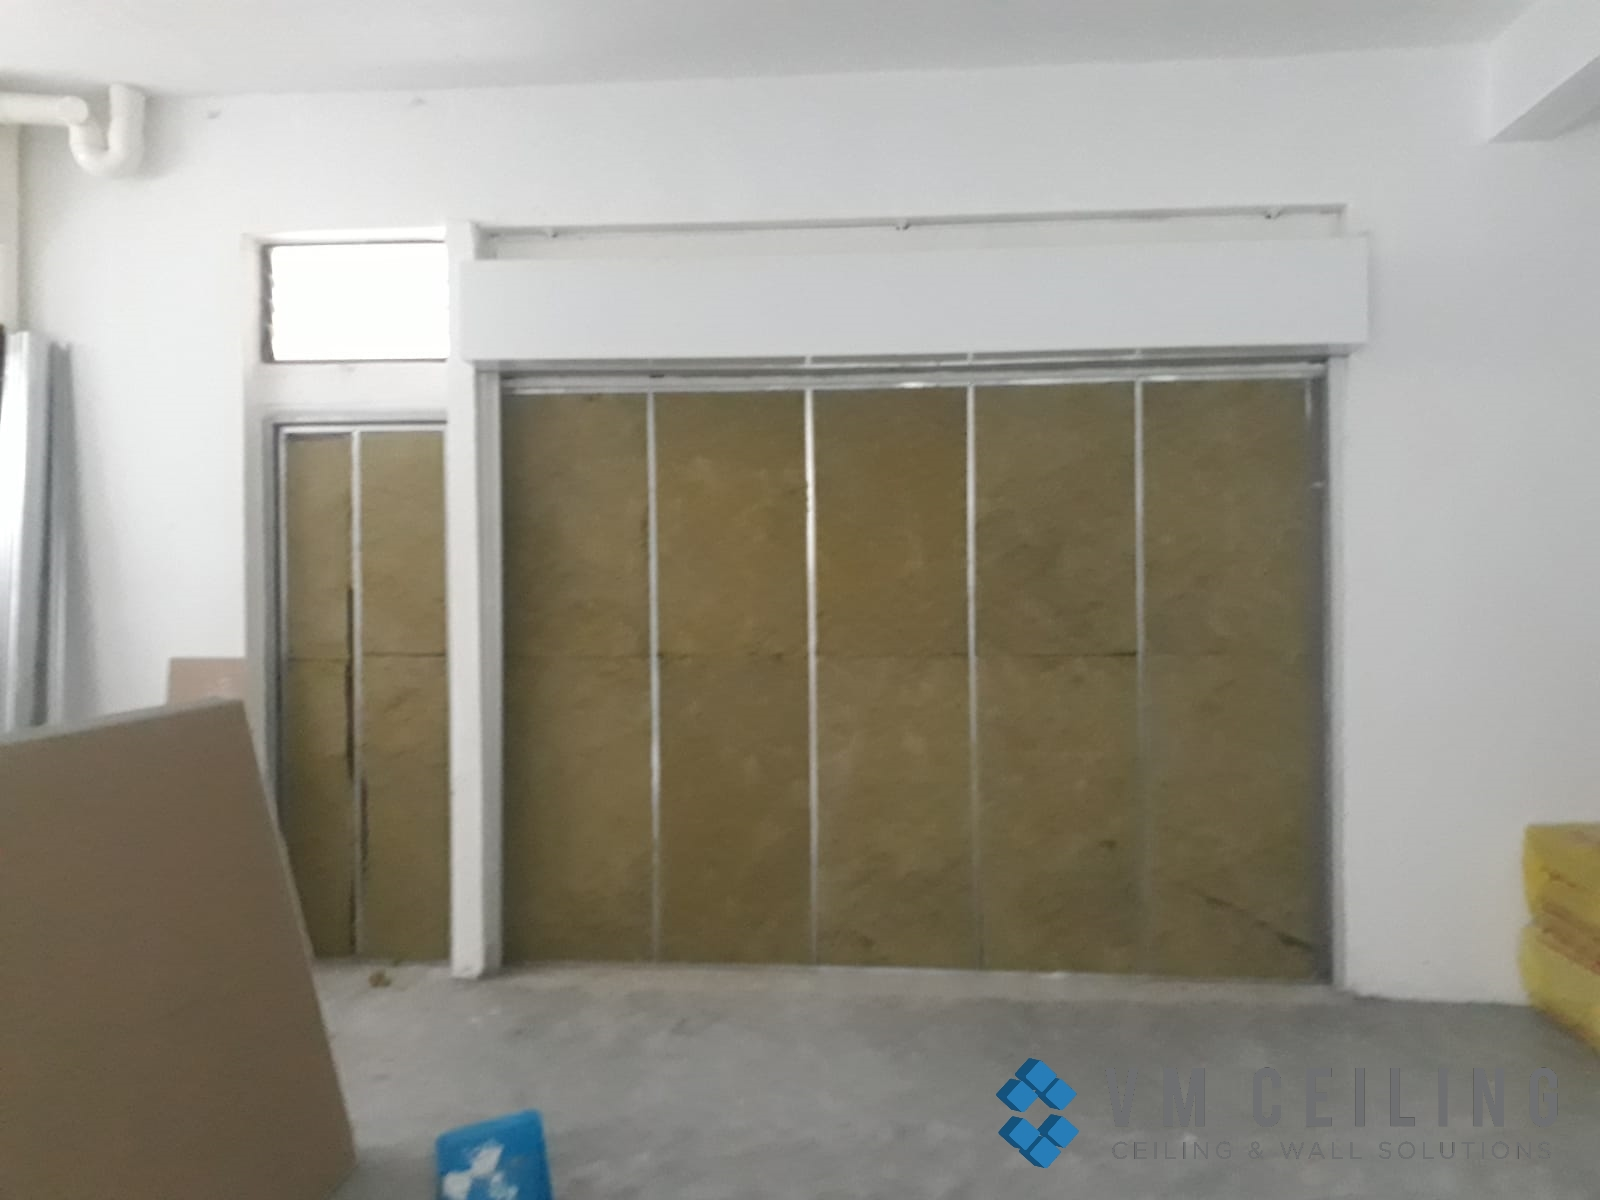 partition wall vm ceiling singapore commercial studio bukit batok 1